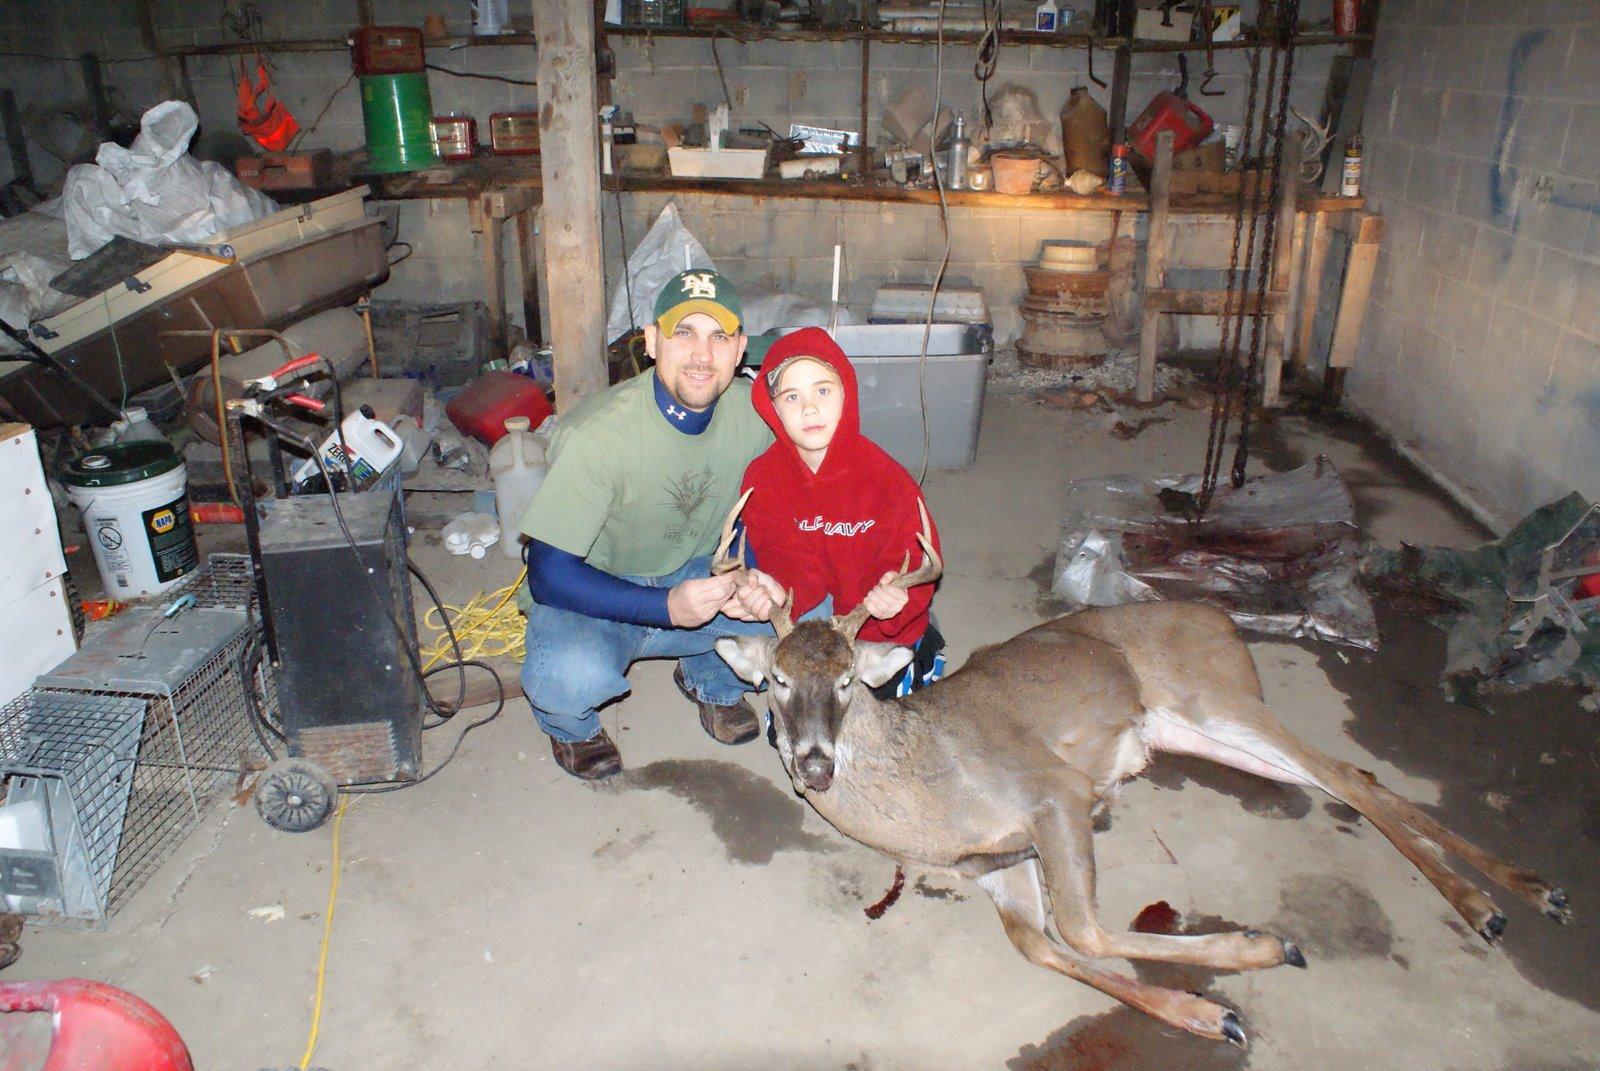 [Ethan+deer+2008-1]